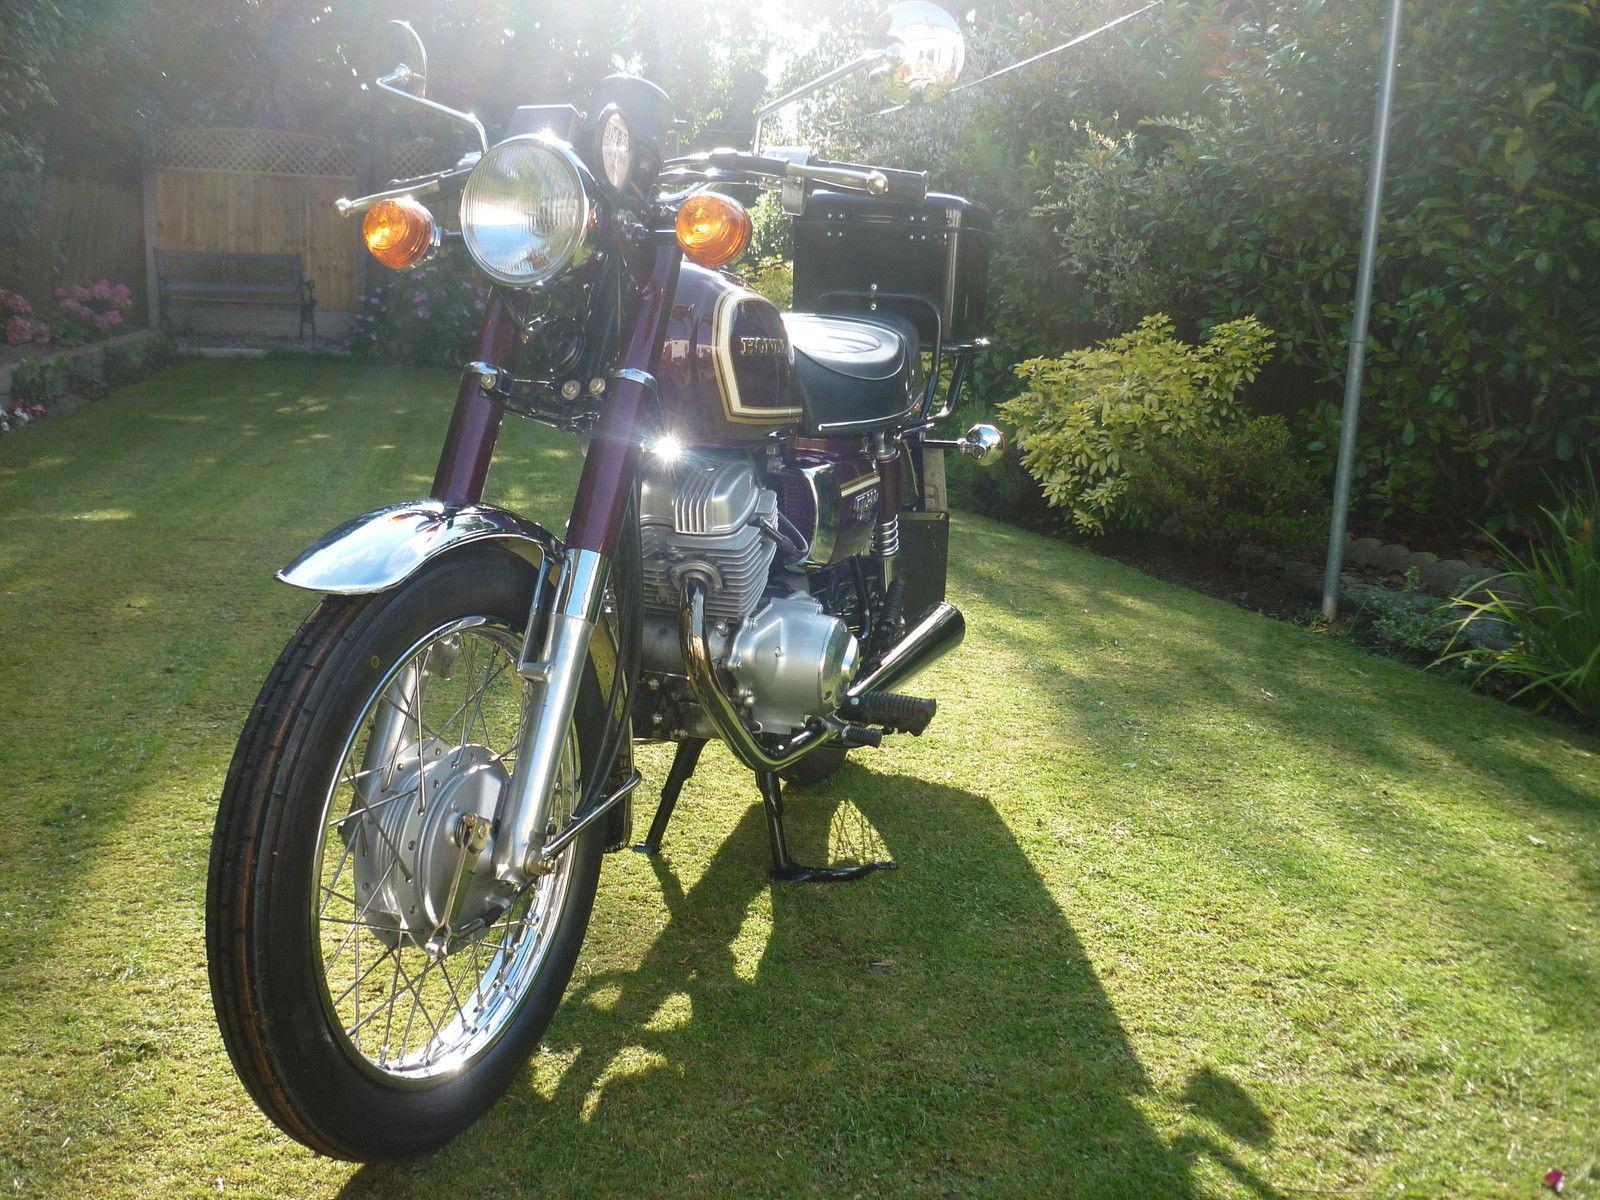 Honda CD200 Benly - 1981